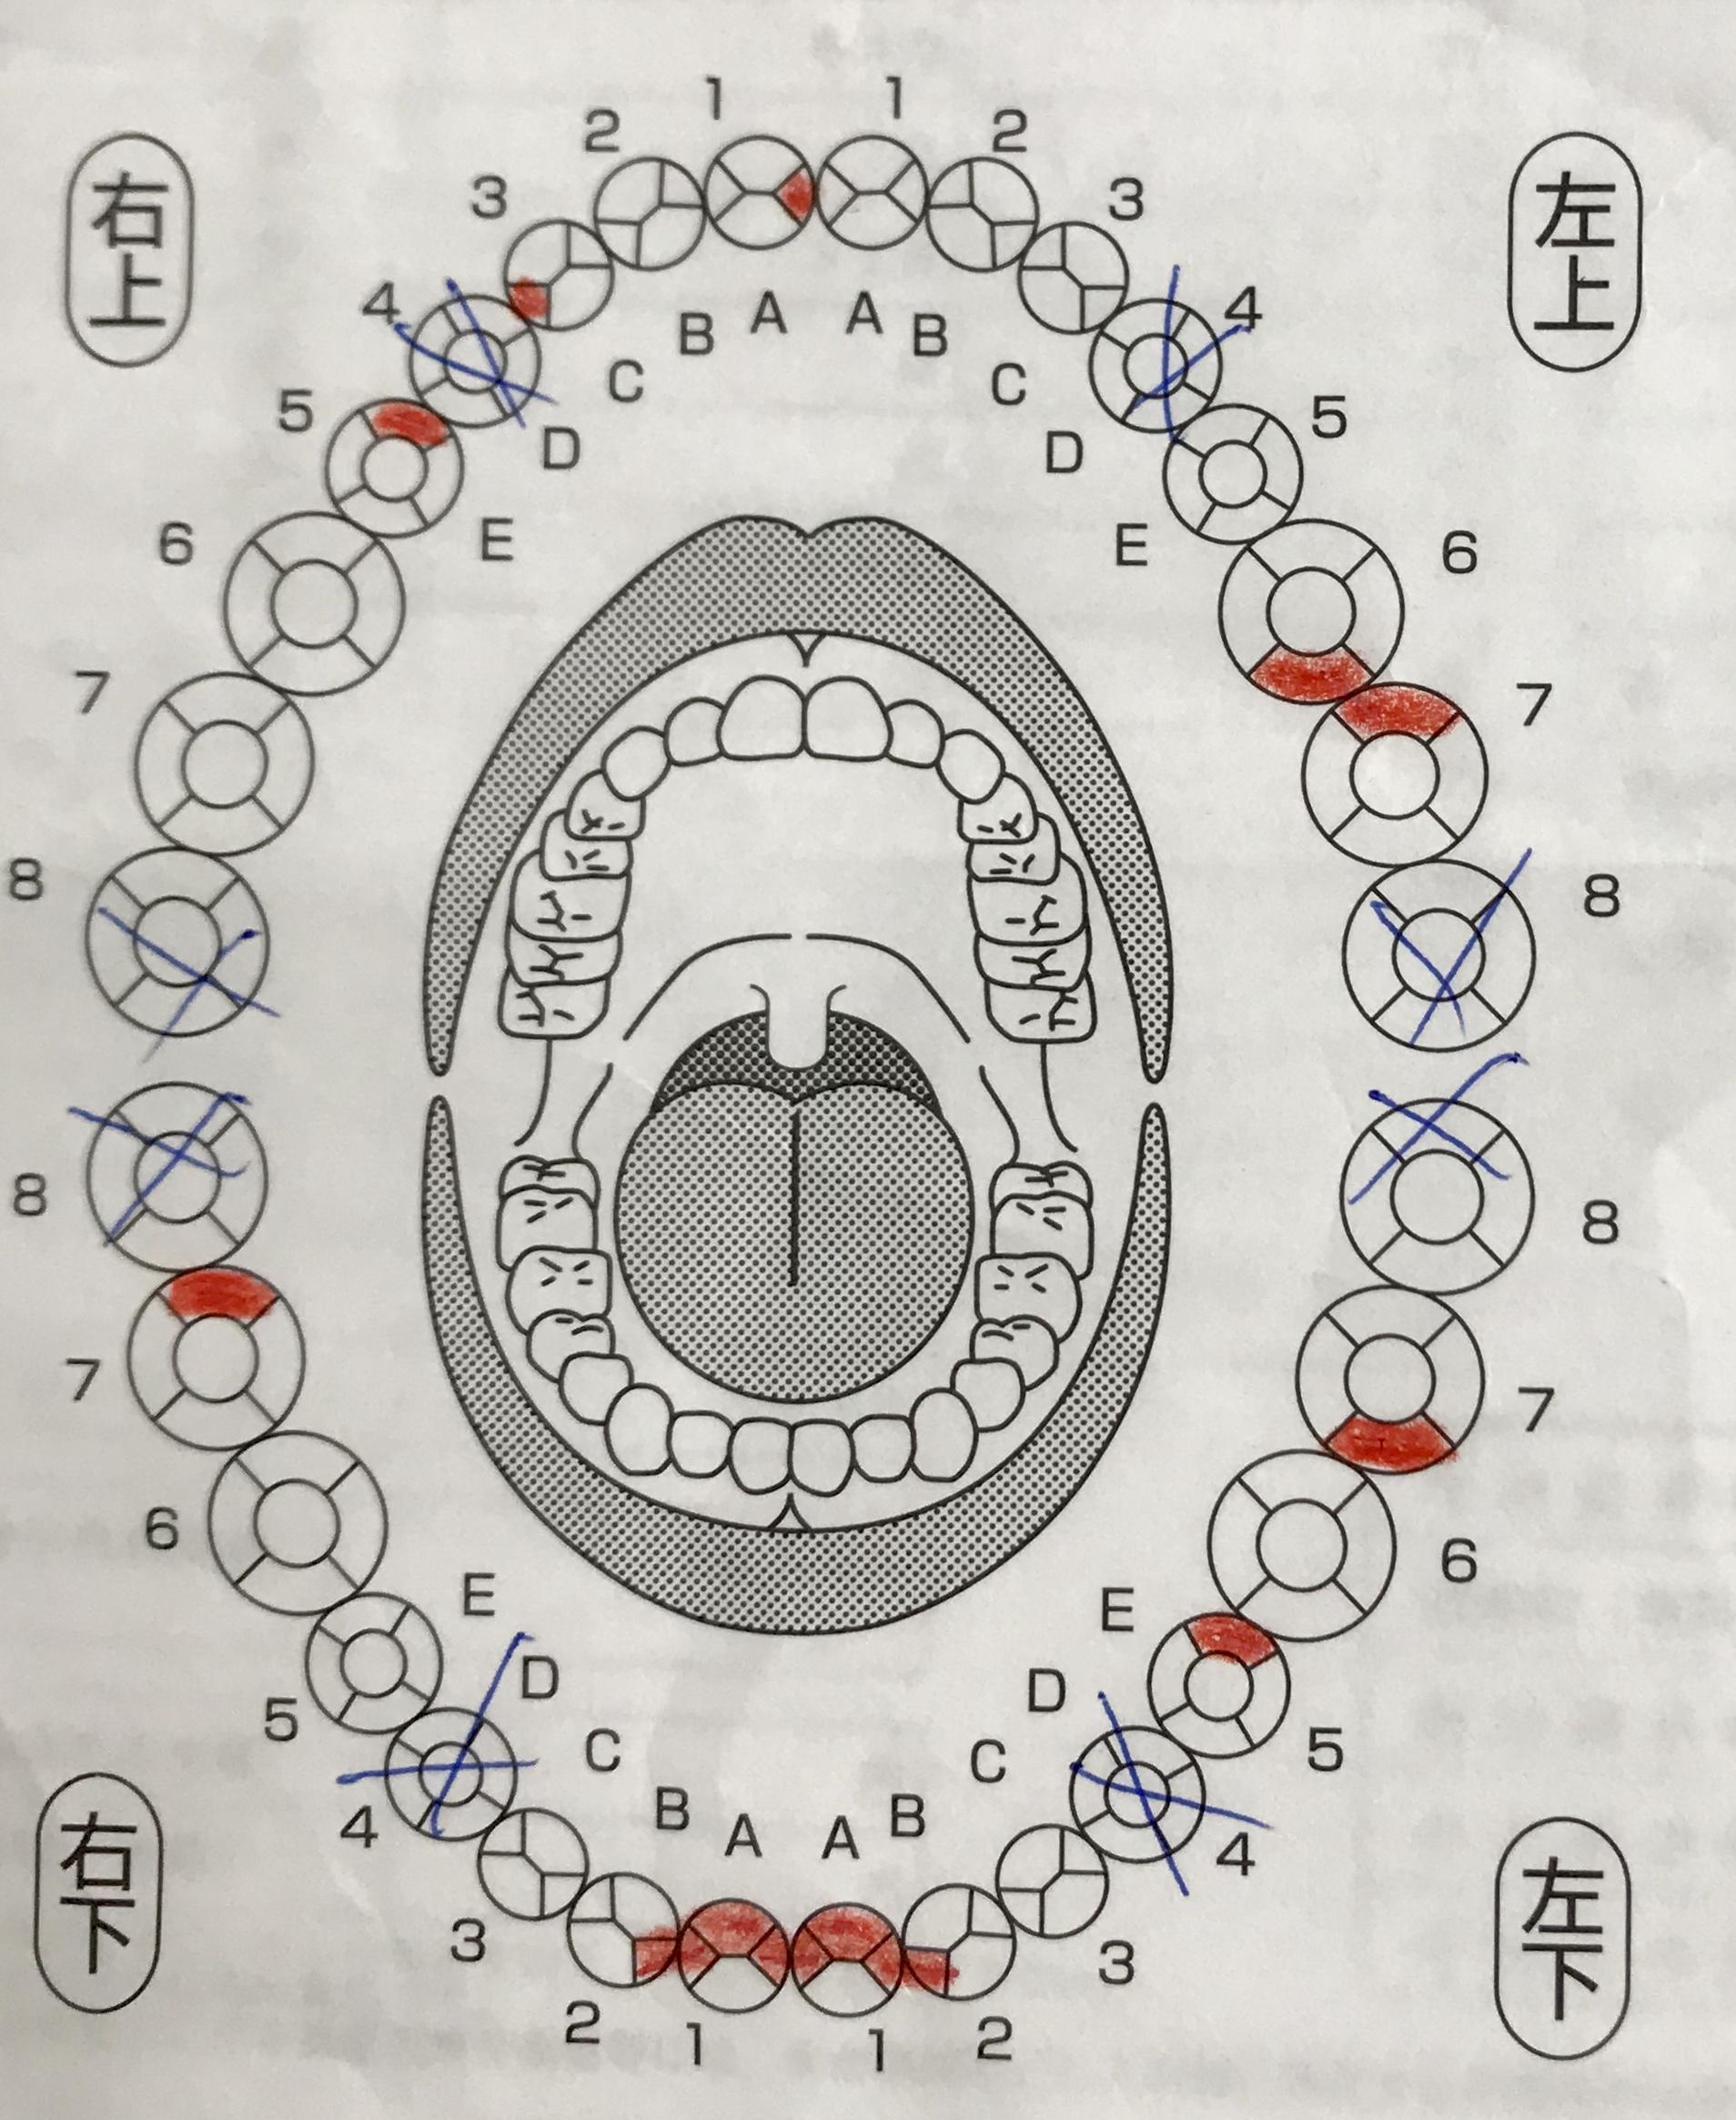 歯医者さんの検診